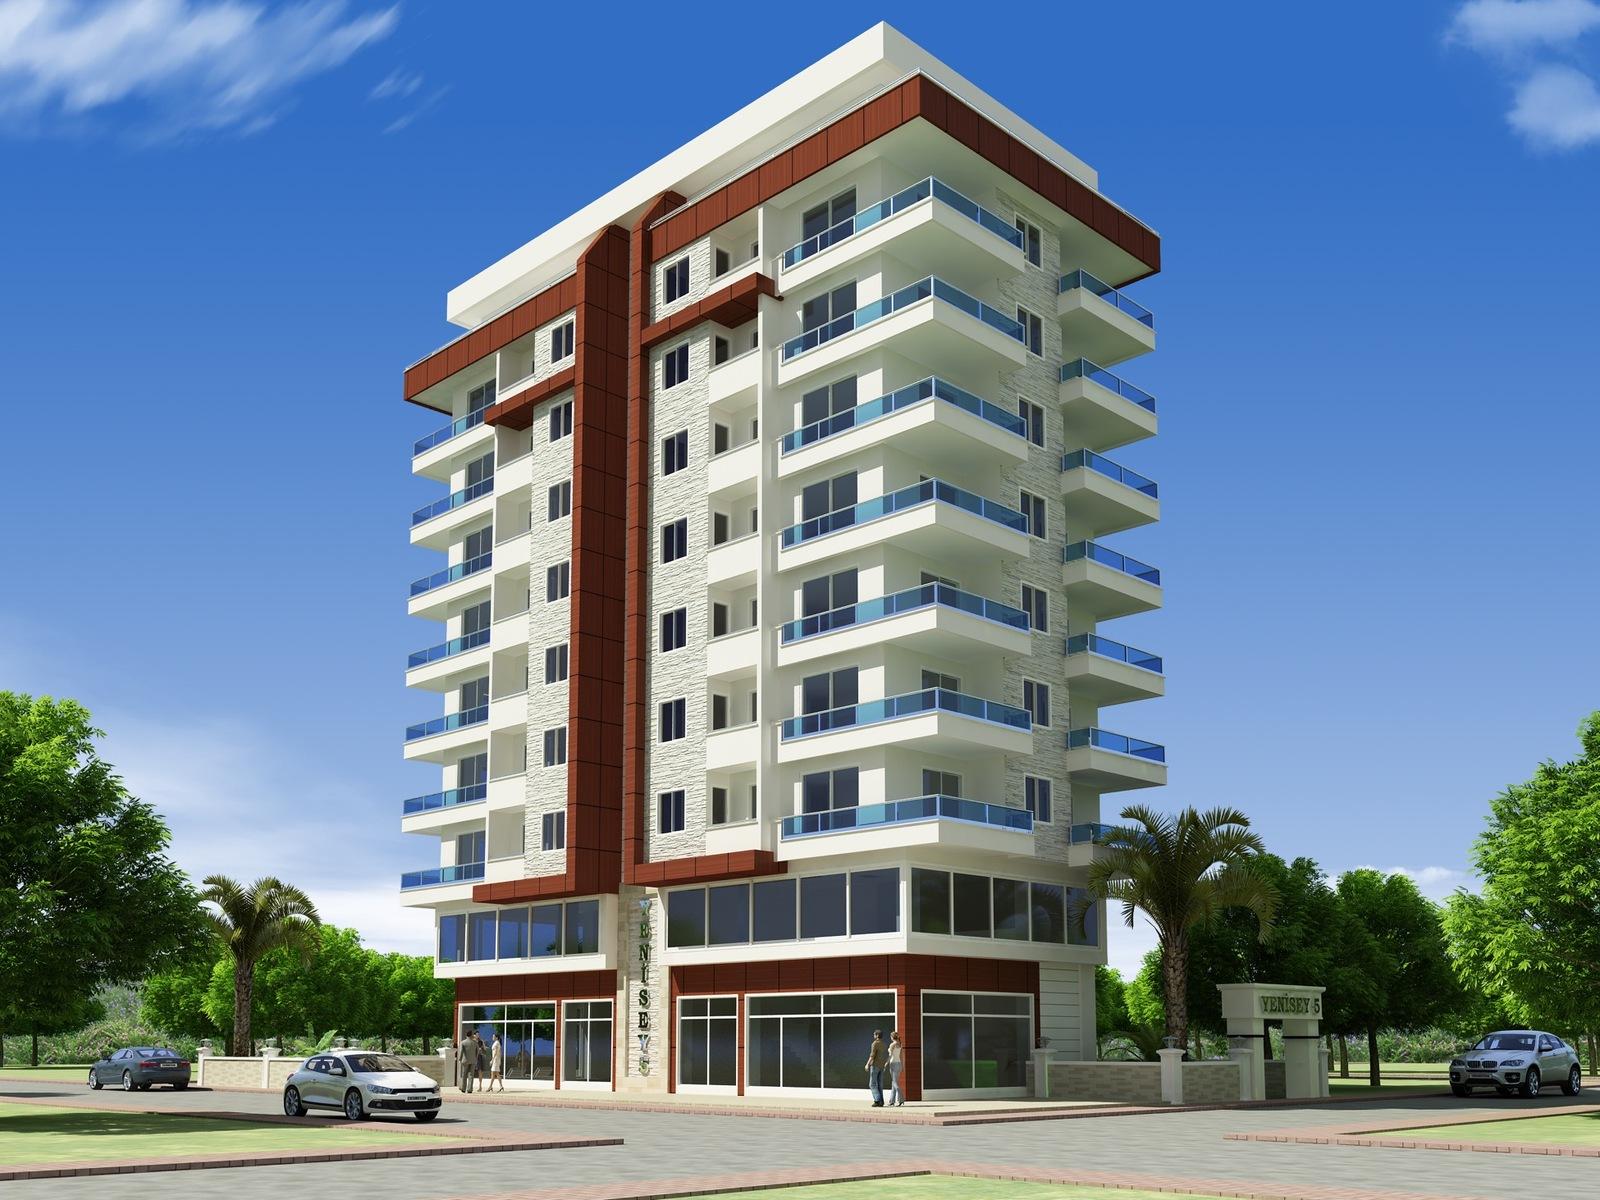 خرید آپارتمان در خیابان برزیل چقدر هزینه دارد؟